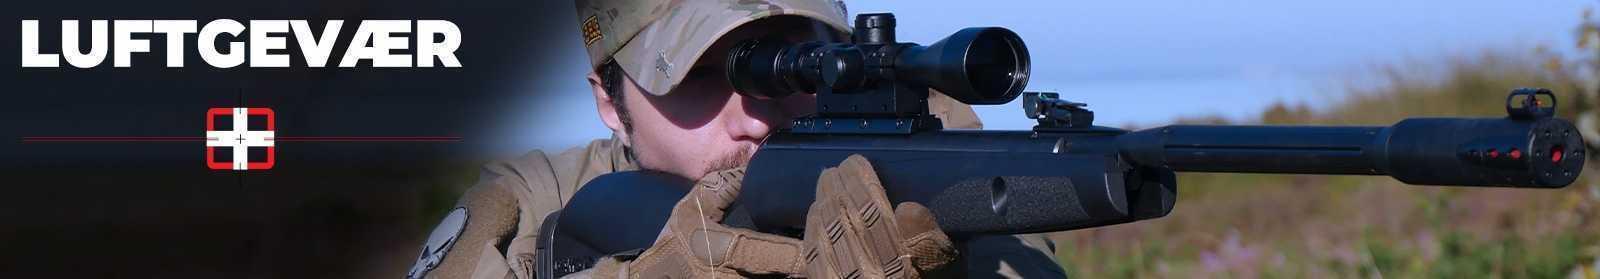 Luftgevær - Køb luftgevær med prisgaranti